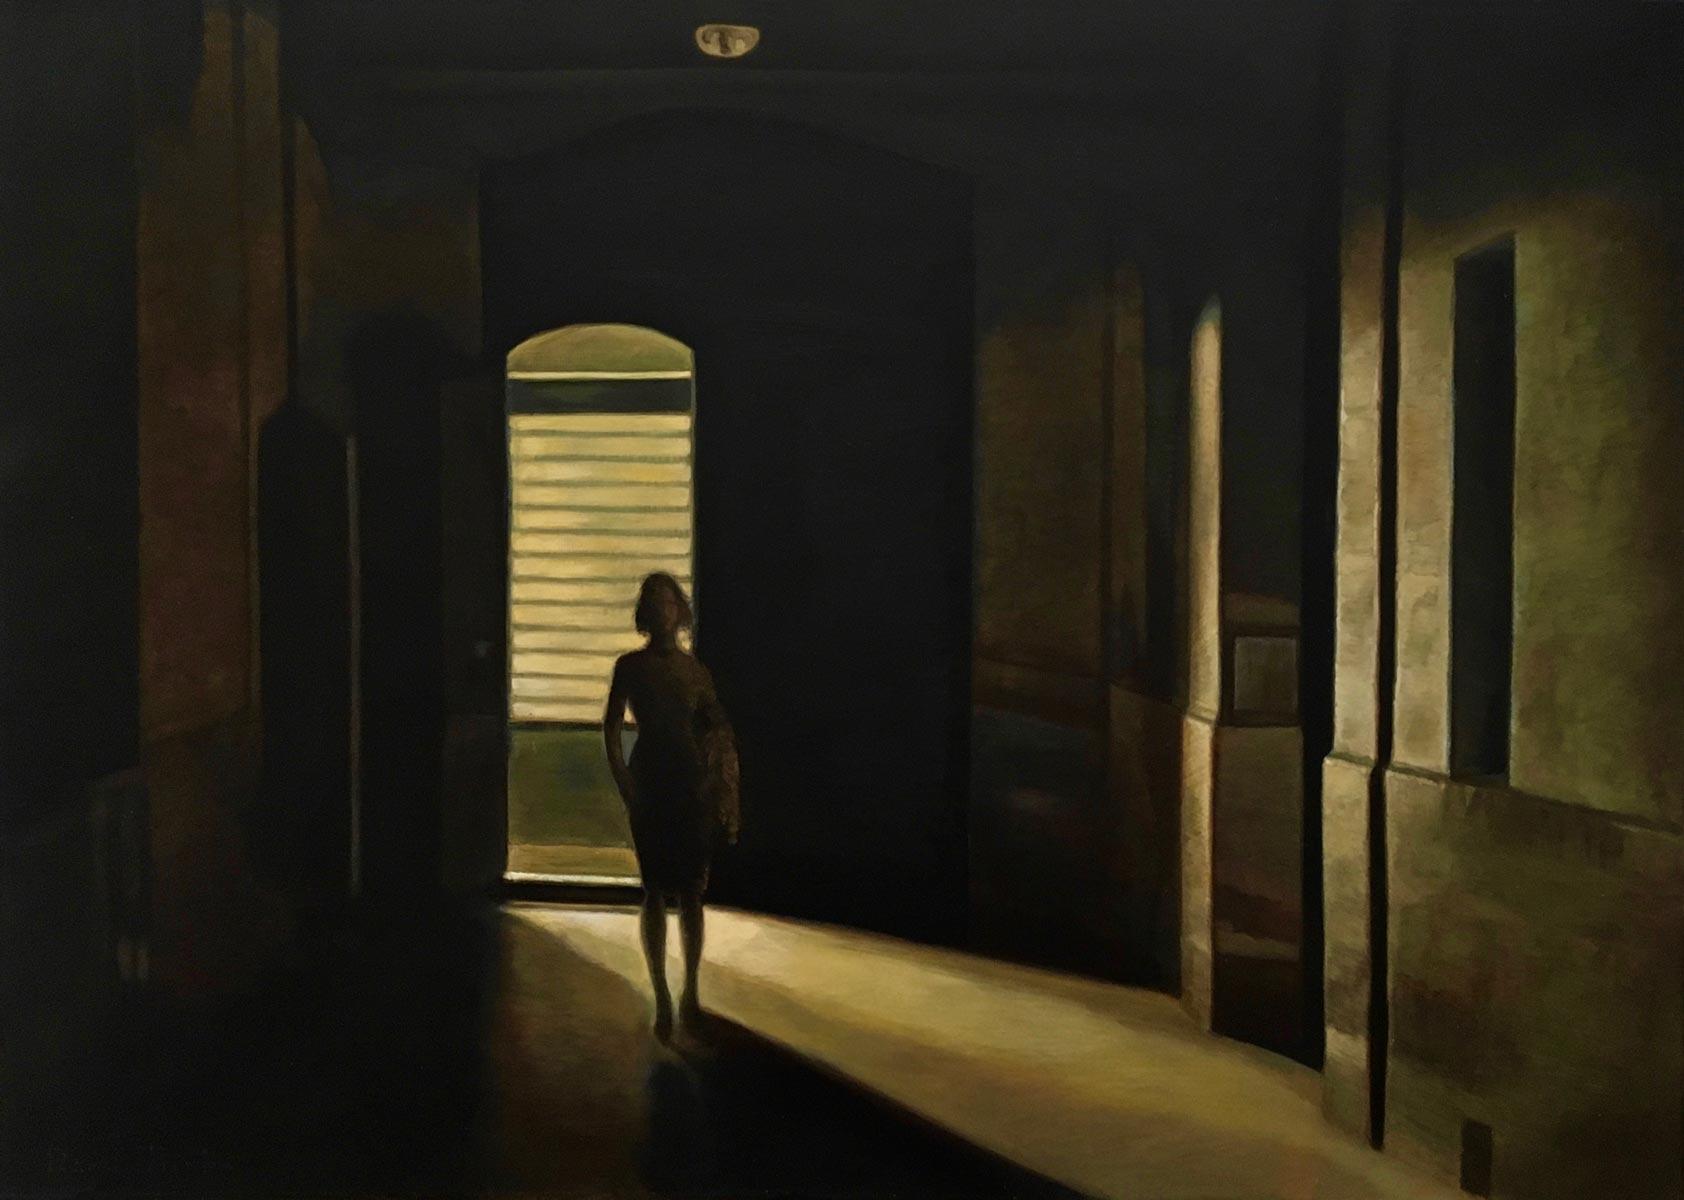 Her Return | Ulei pe pânză | 50 x 70 cm | 2017 | 700 Euro